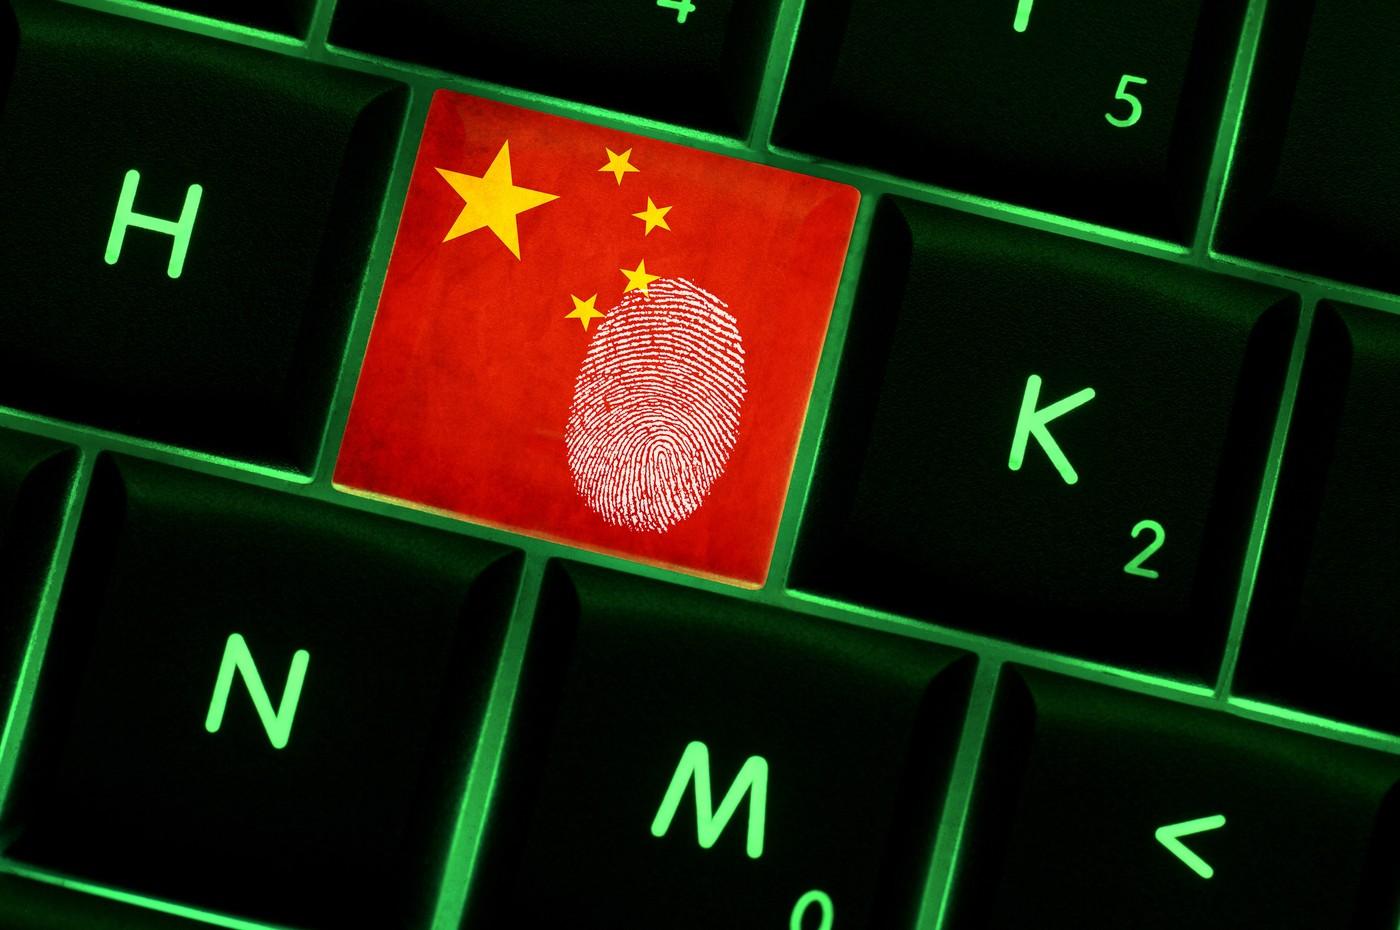 中國強力通過《網路安全法》,背後沒說的那些事